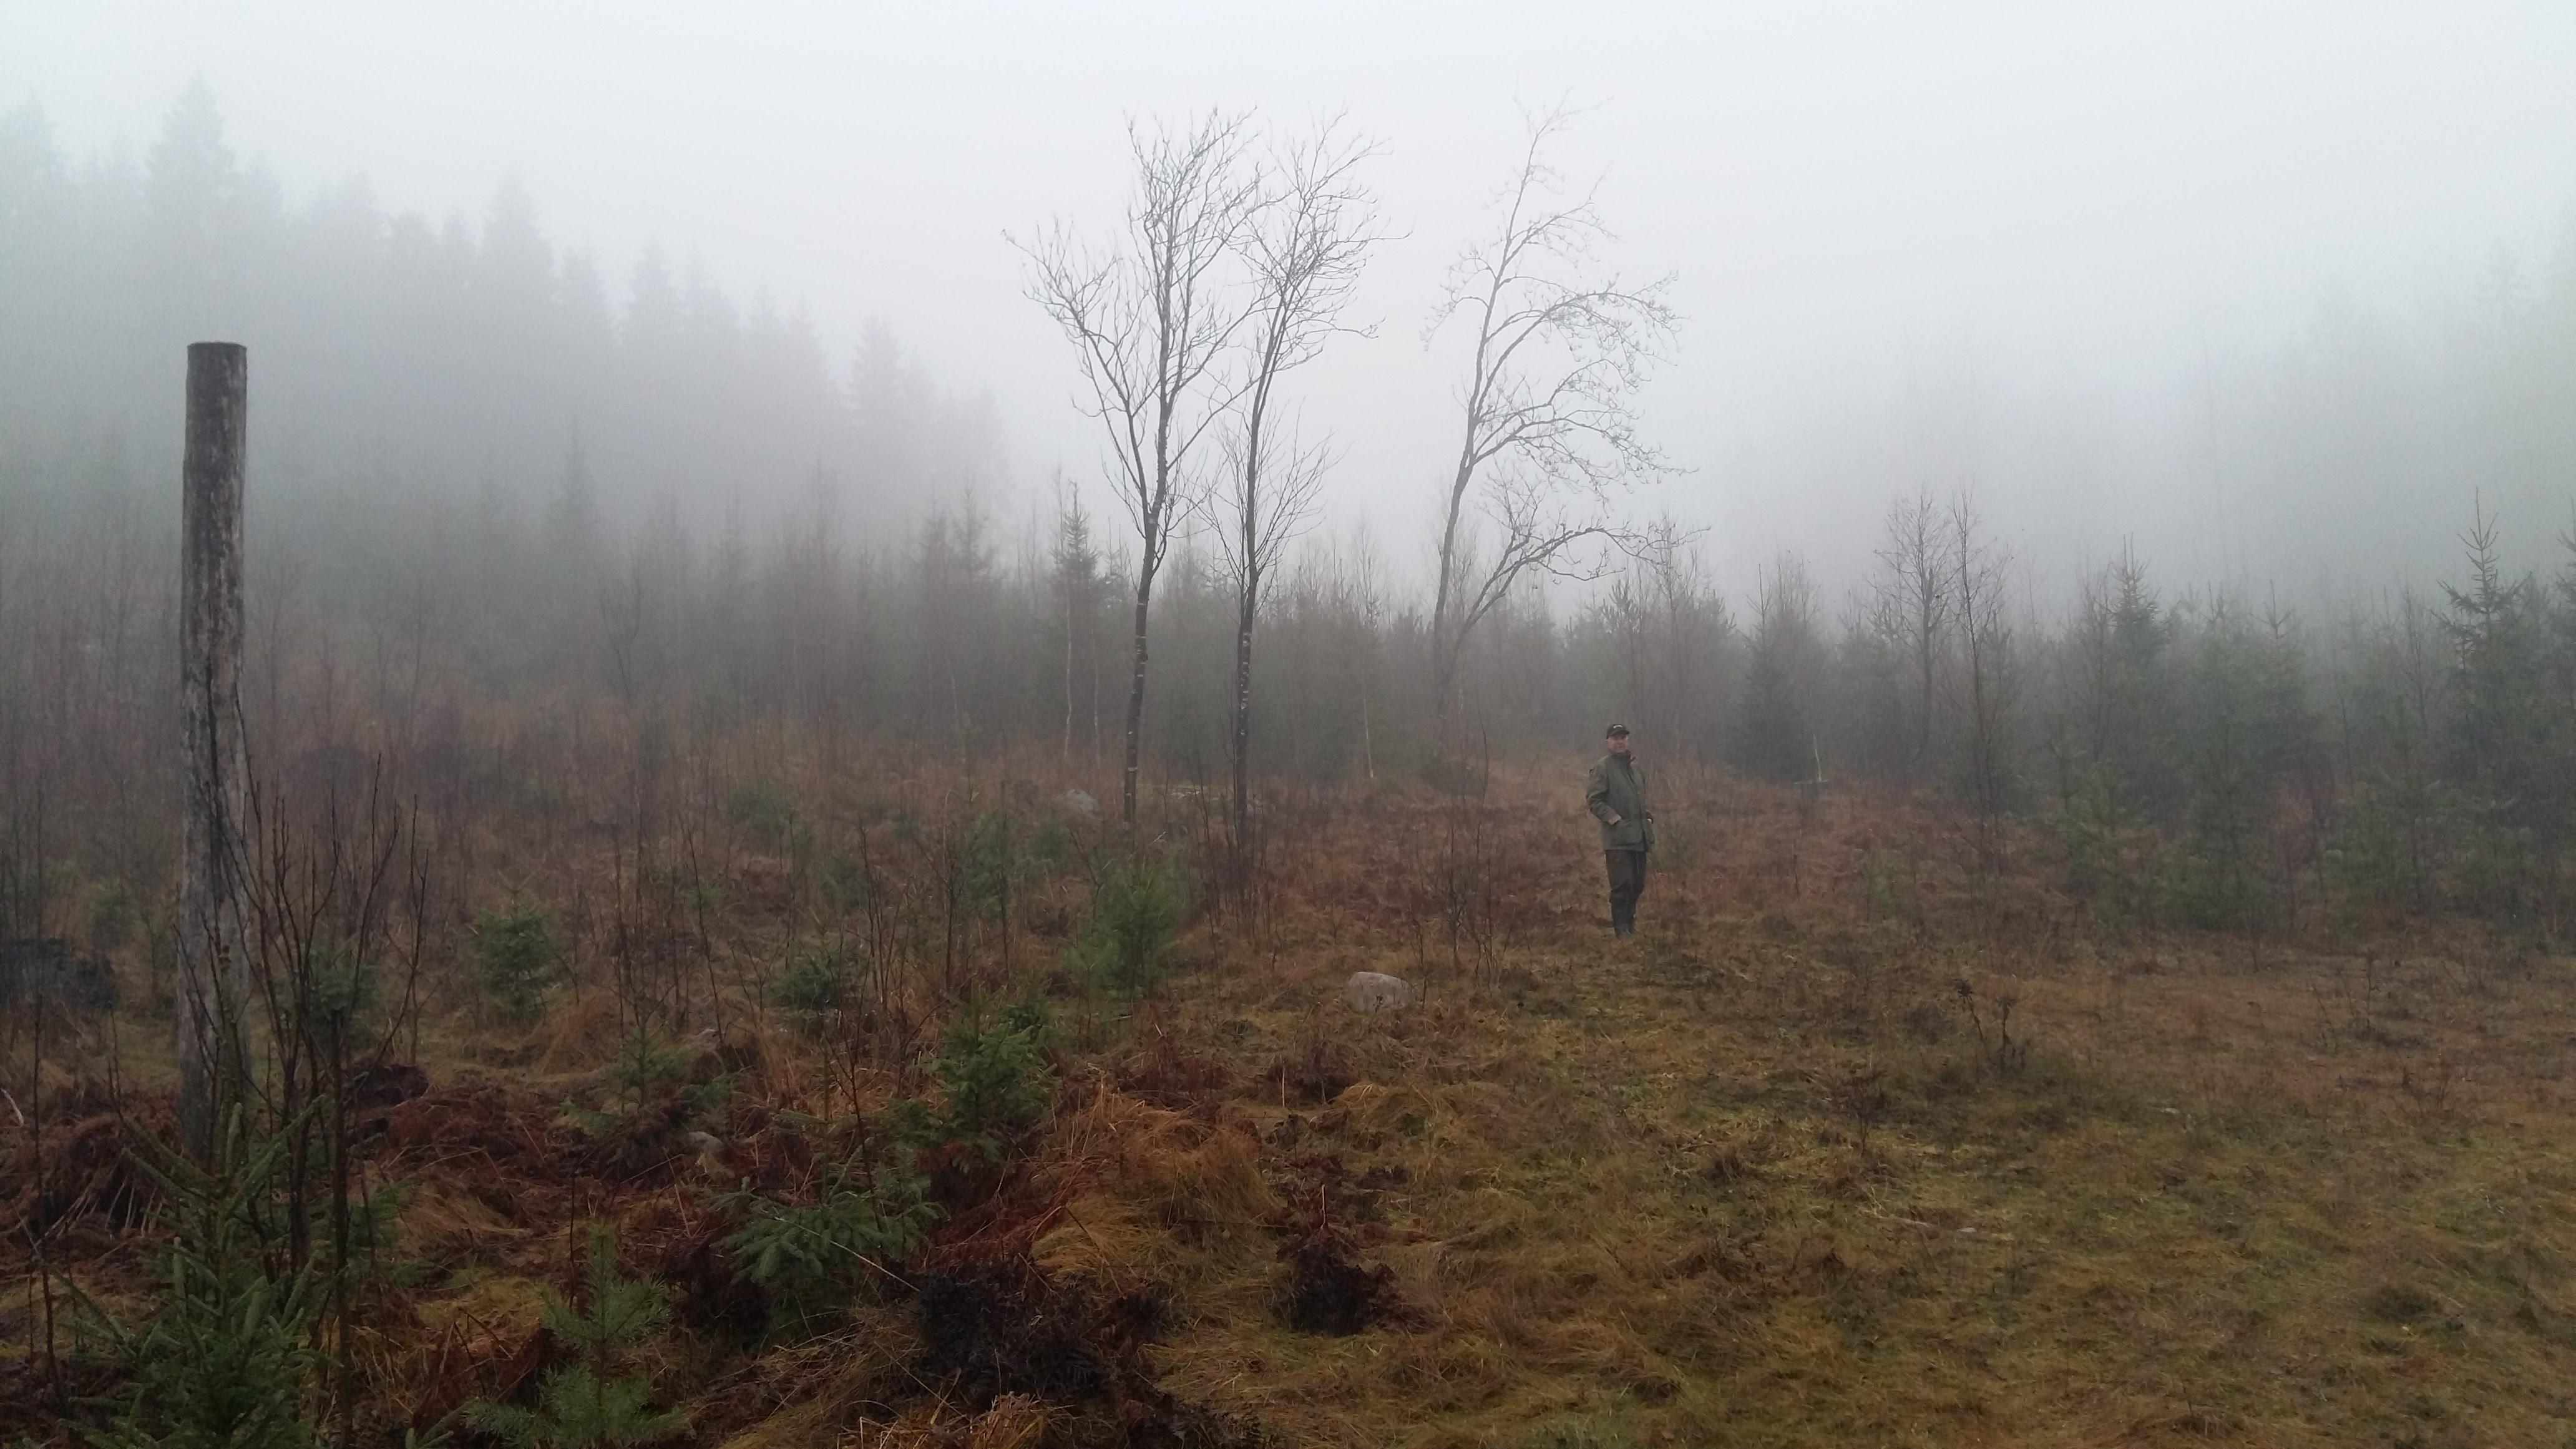 Bosse står framför en lång sluttning som är planterad med gran och sådd med tall mellan granarna. Tallen kommer fint trots den bördiga marken, G30-G34. Notera de fina rönnarna bakom Bosse.